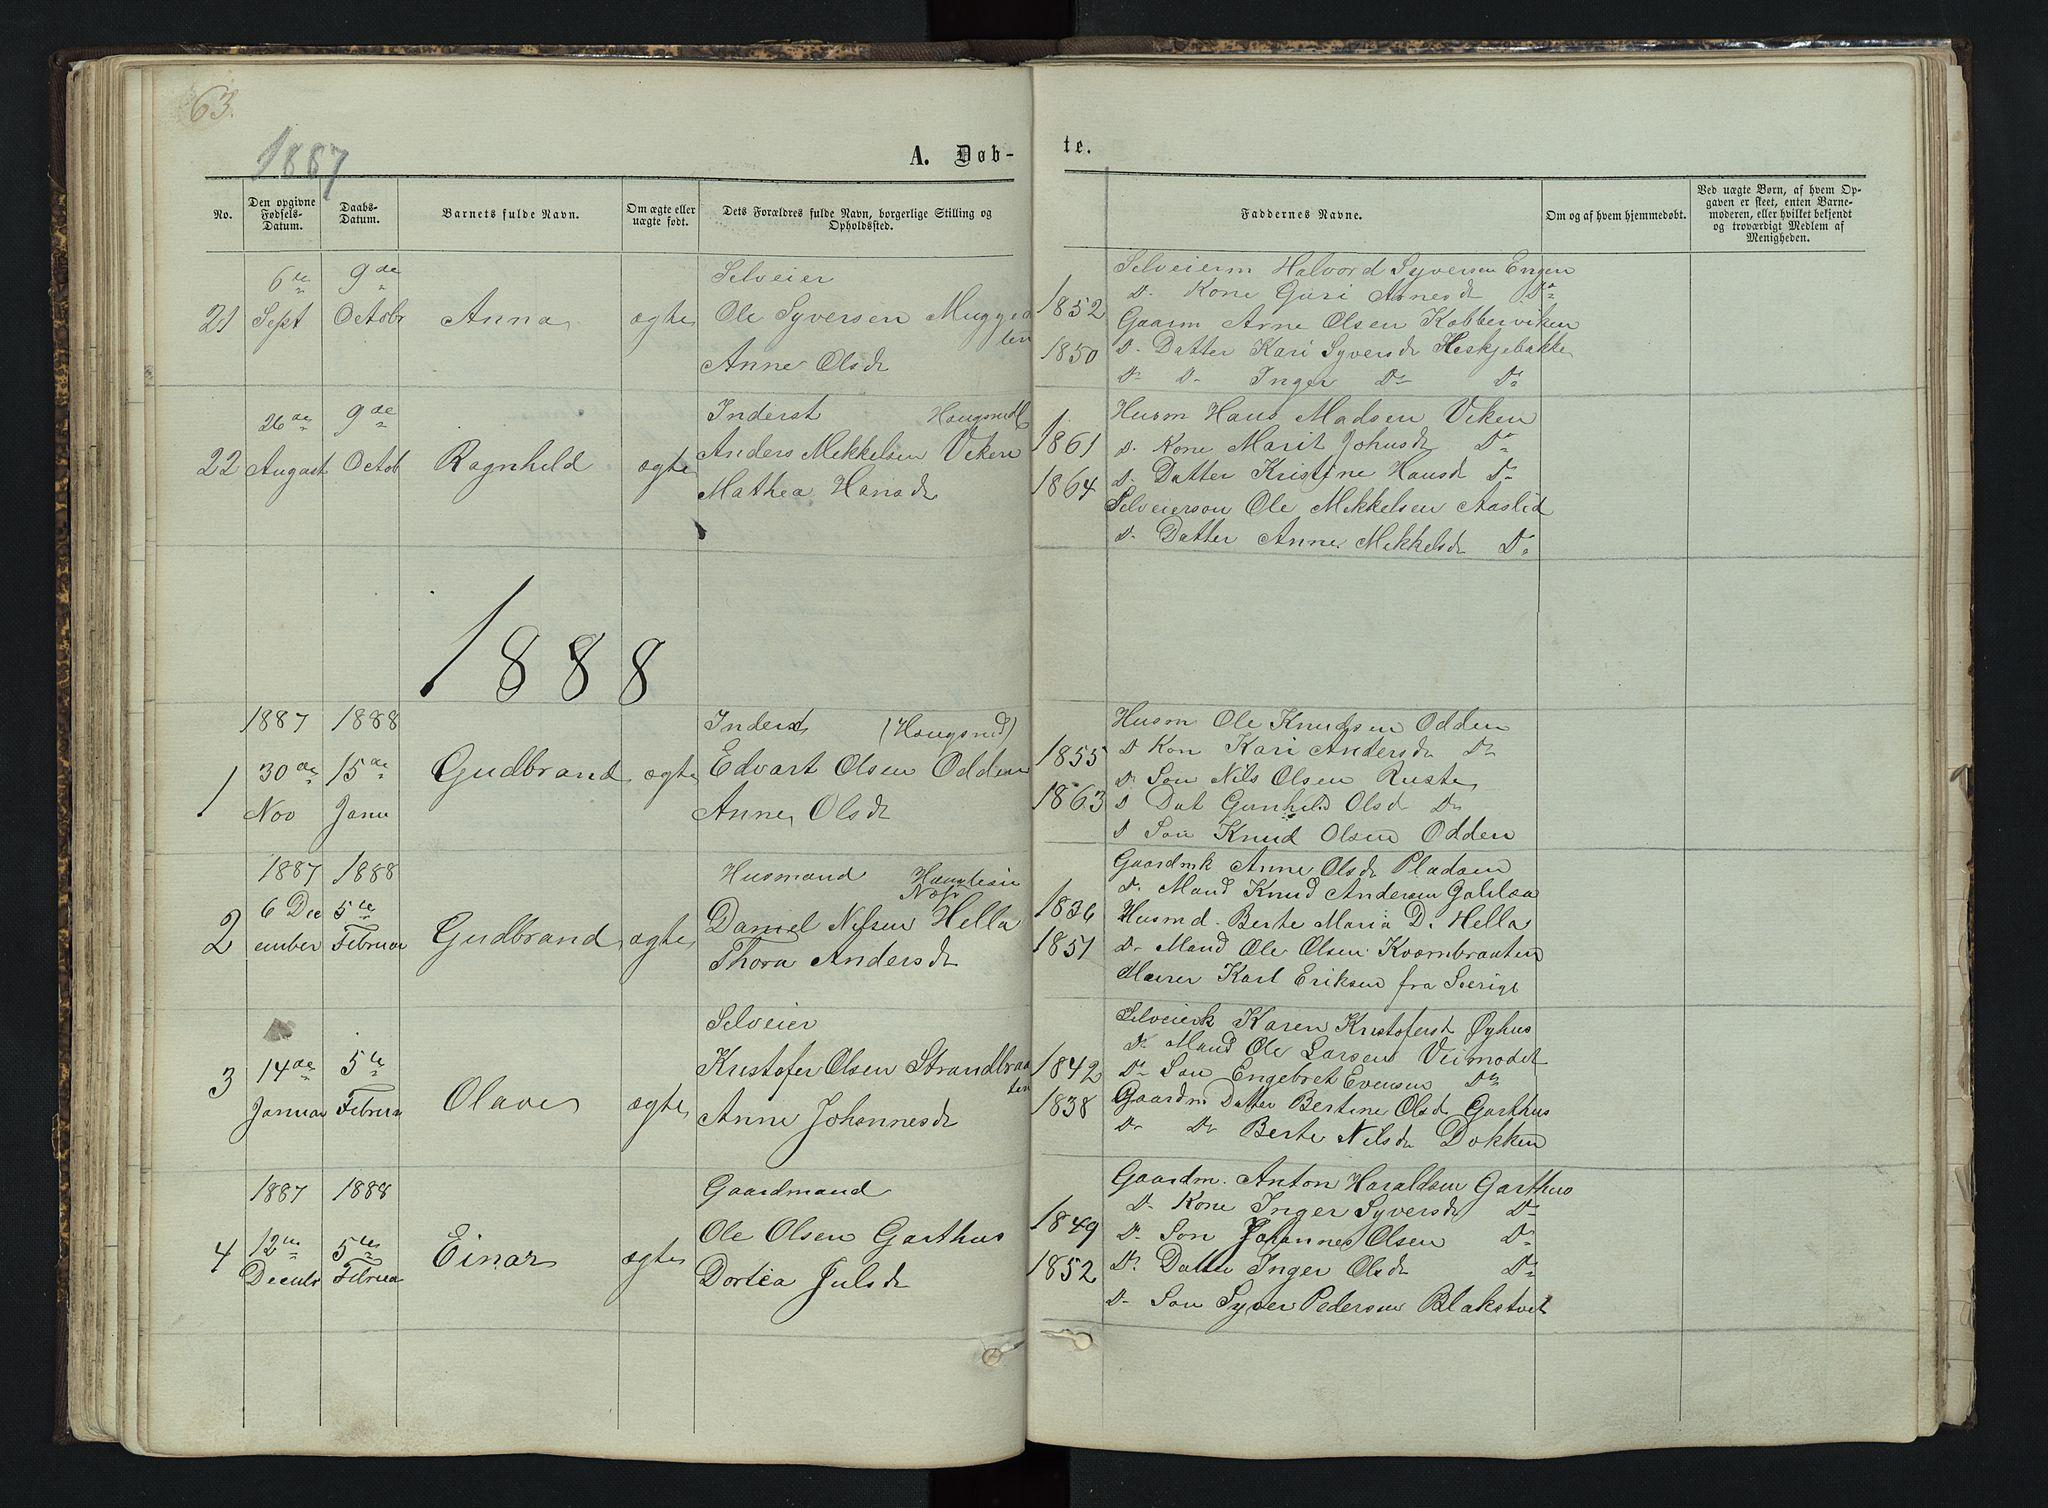 SAH, Sør-Aurdal prestekontor, Klokkerbok nr. 3, 1862-1893, s. 63